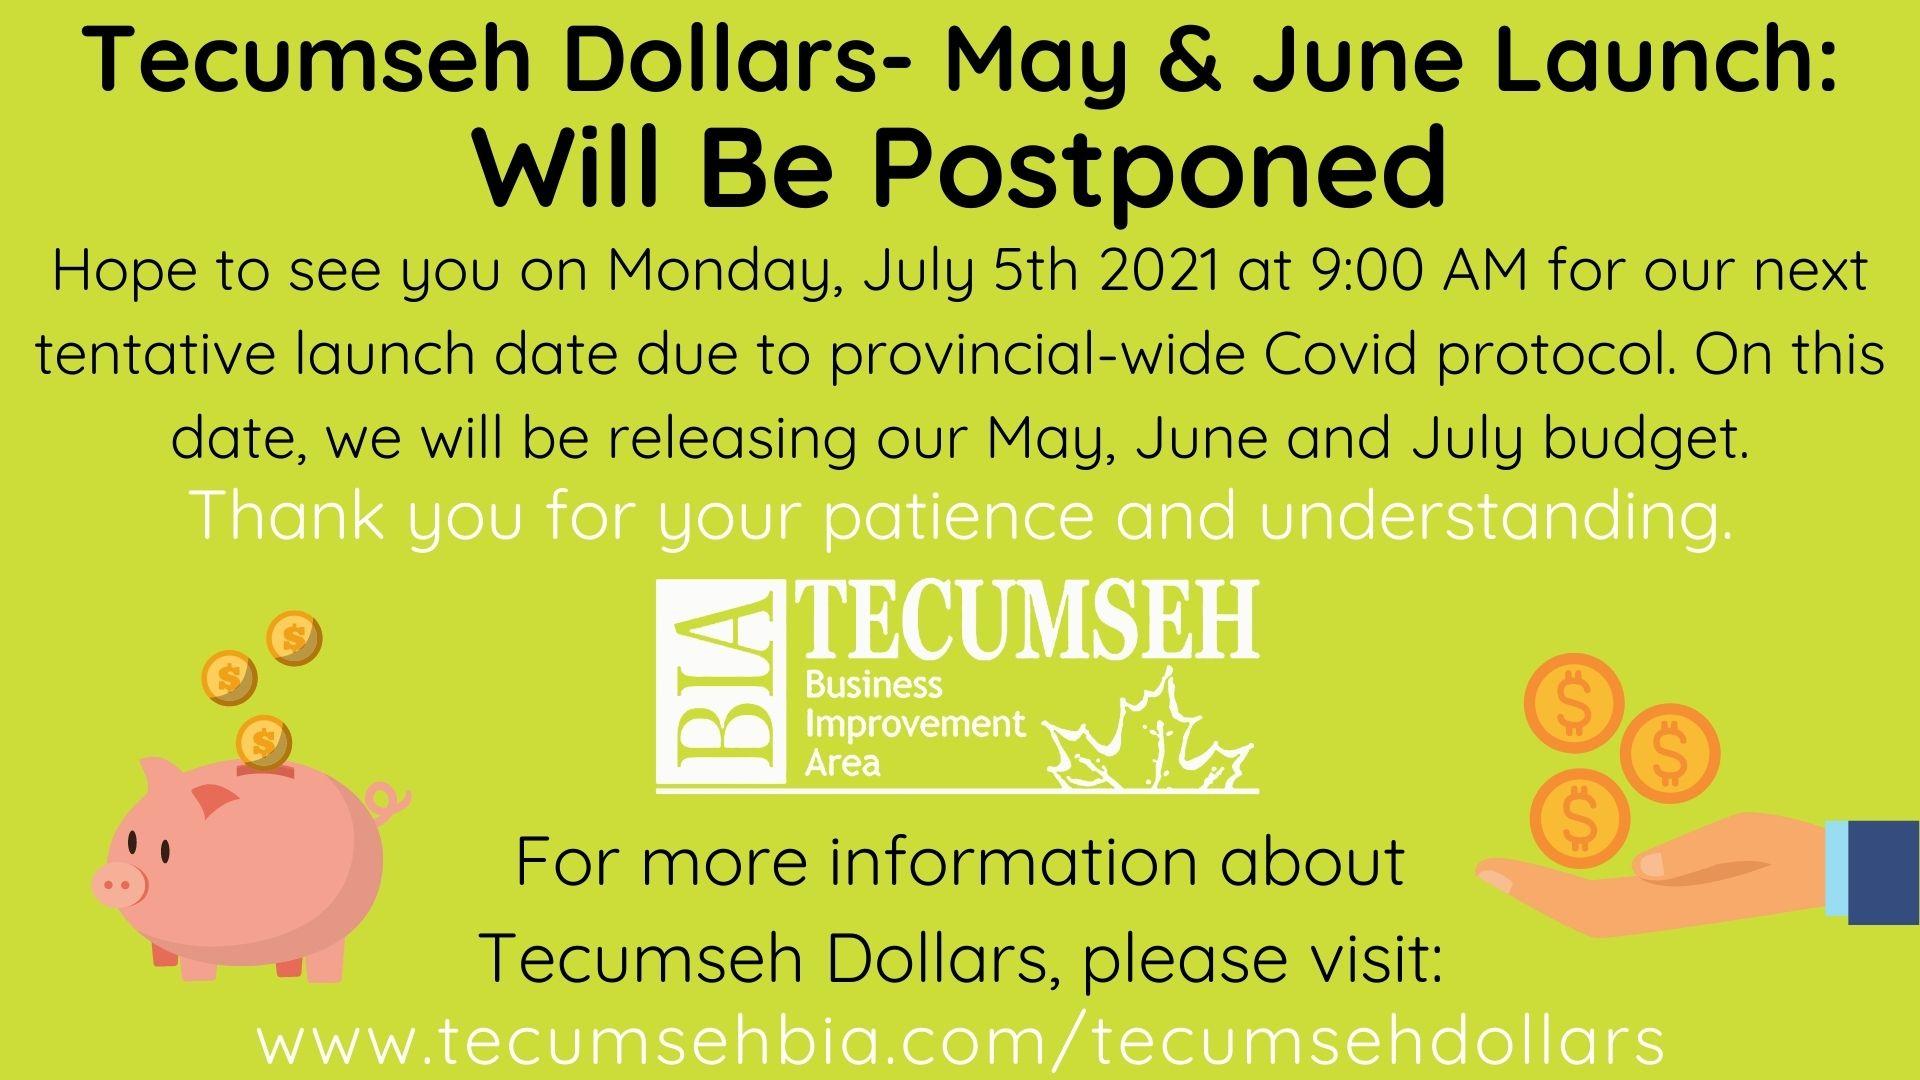 Tecumseh Dollars- Postponed for May & June 2021